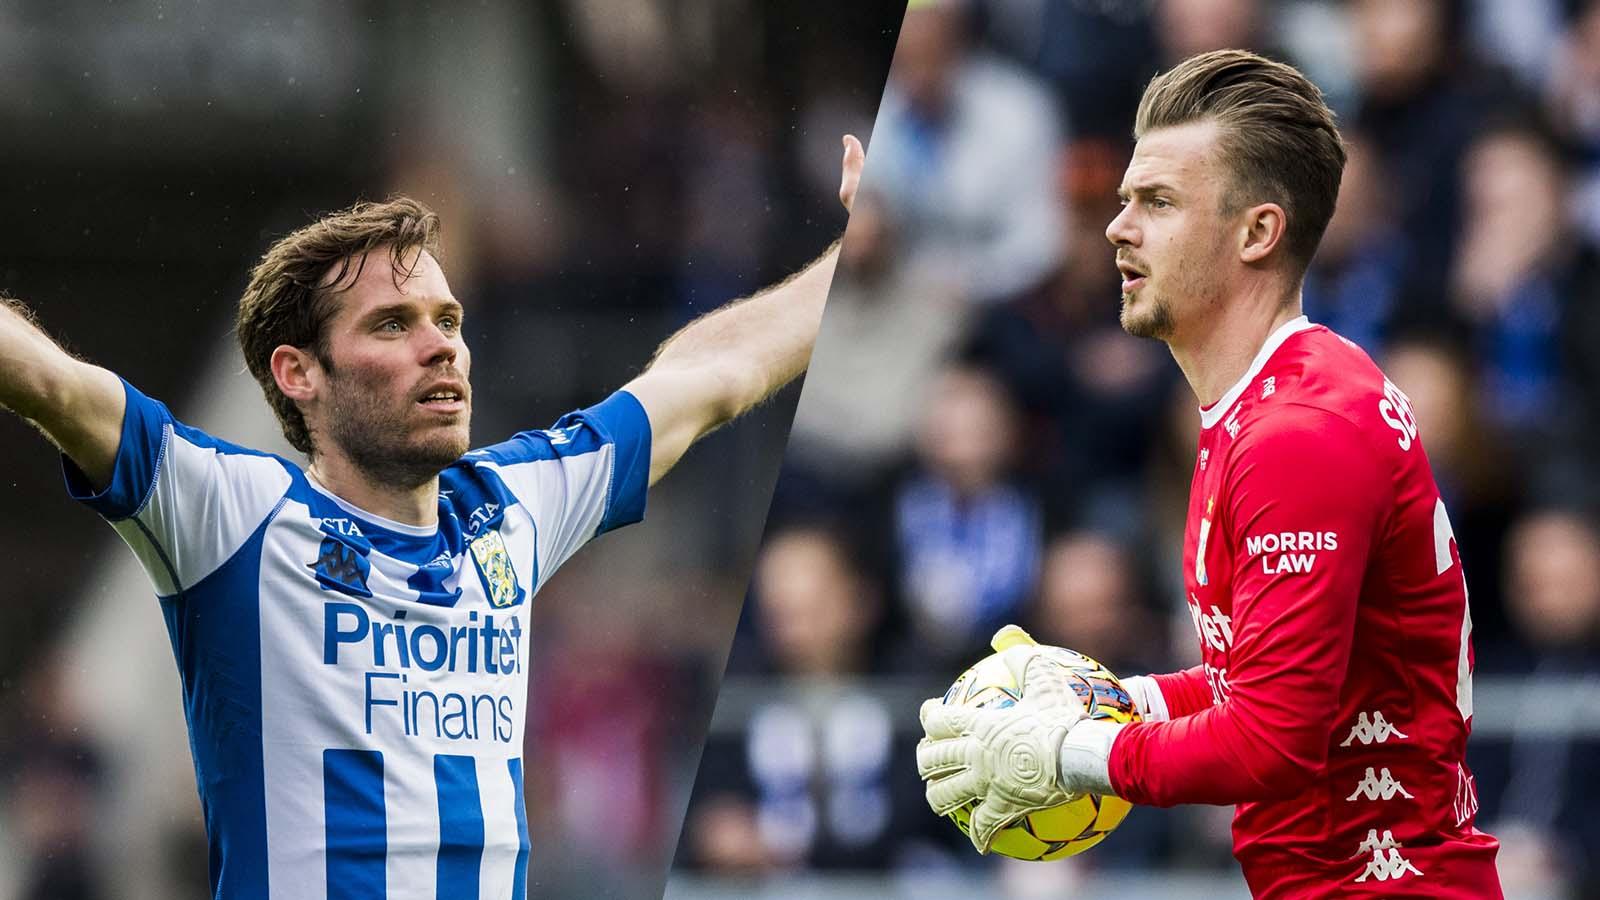 180428 IFK Göteborgs målvakt Erik Dahlin under fotbollsmatchen i allsvenskan mellan IFK Göteborg och Häcken den 28 april 2018 i Göteborg. Foto: Michael Erichsen / BILDBYRÅN / Cop 89